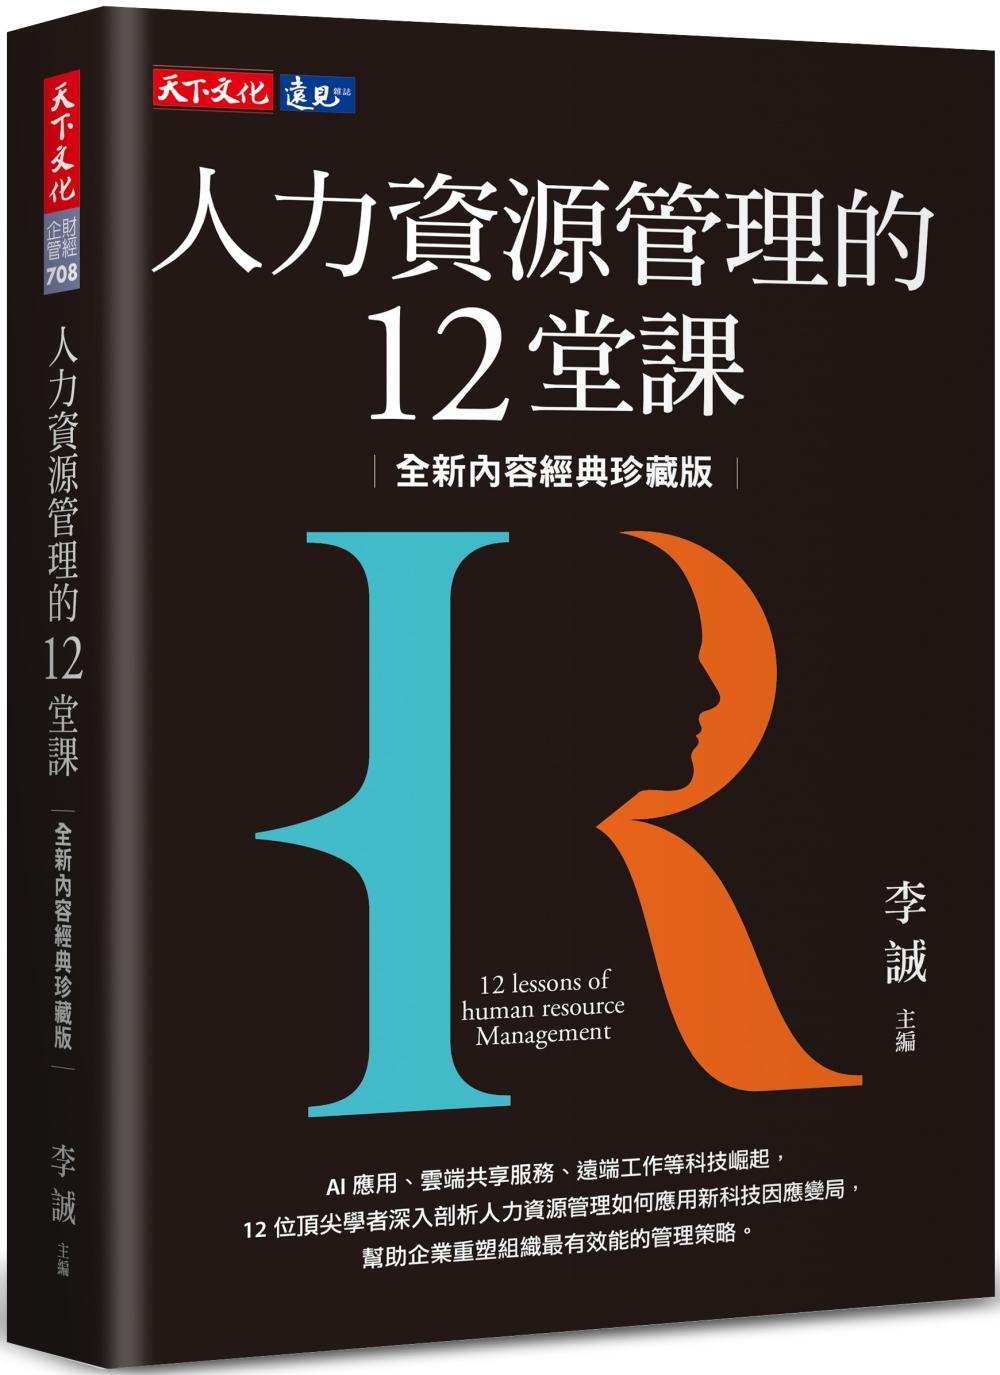 人力資源管理的12堂課(全新內...